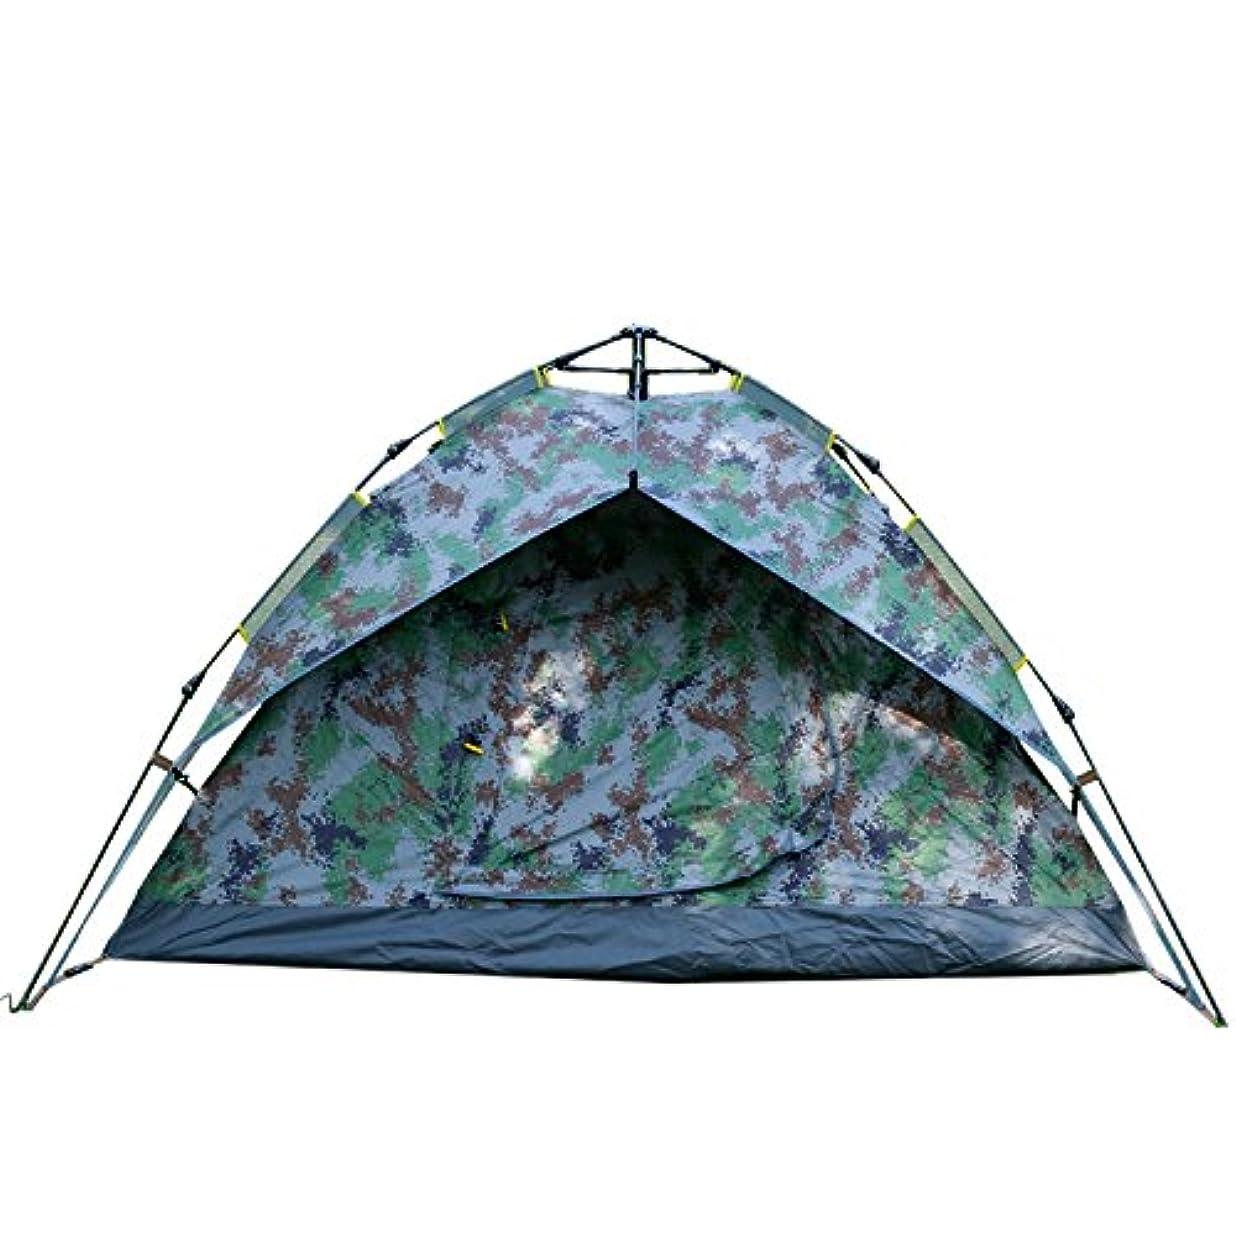 敬なはずアノイOkiiting 3?4人屋外自動キャンプテント、強力な換気、インストールが簡単、広いスペース、防水、抗UV、日除けテント うまく設計された (Color : 1)